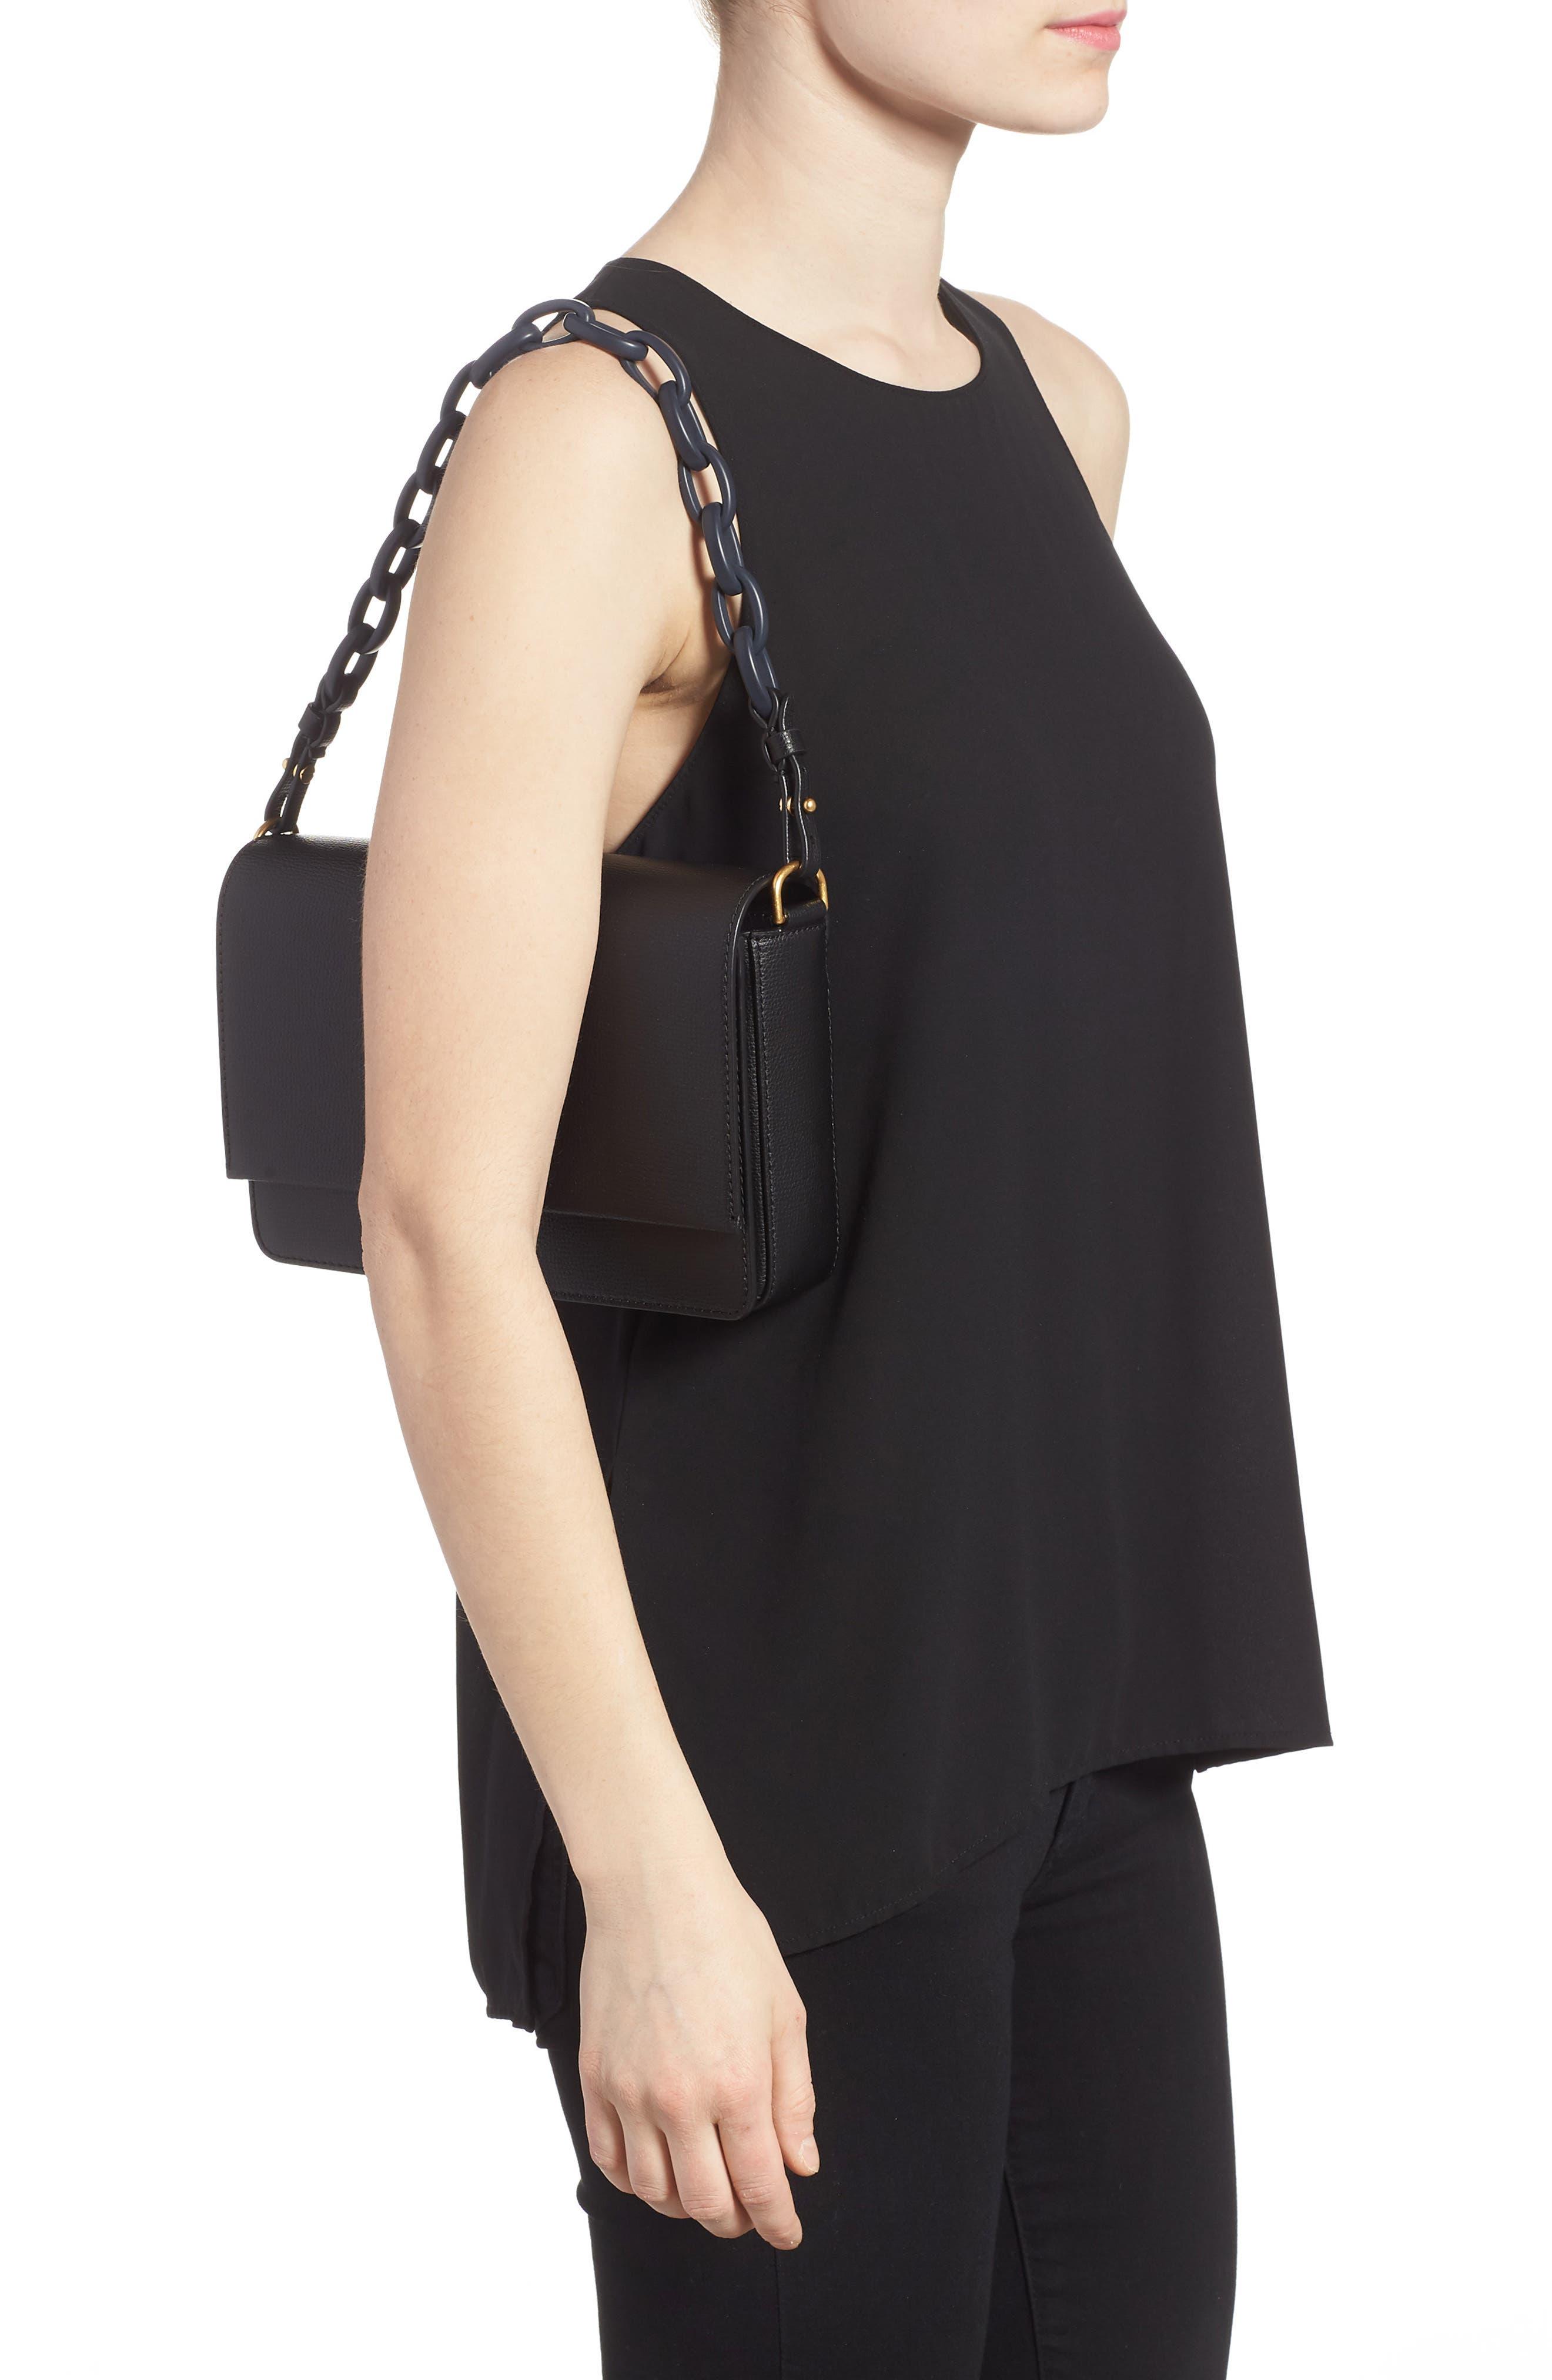 Kira Leather Shoulder Bag,                             Alternate thumbnail 2, color,                             BLACK